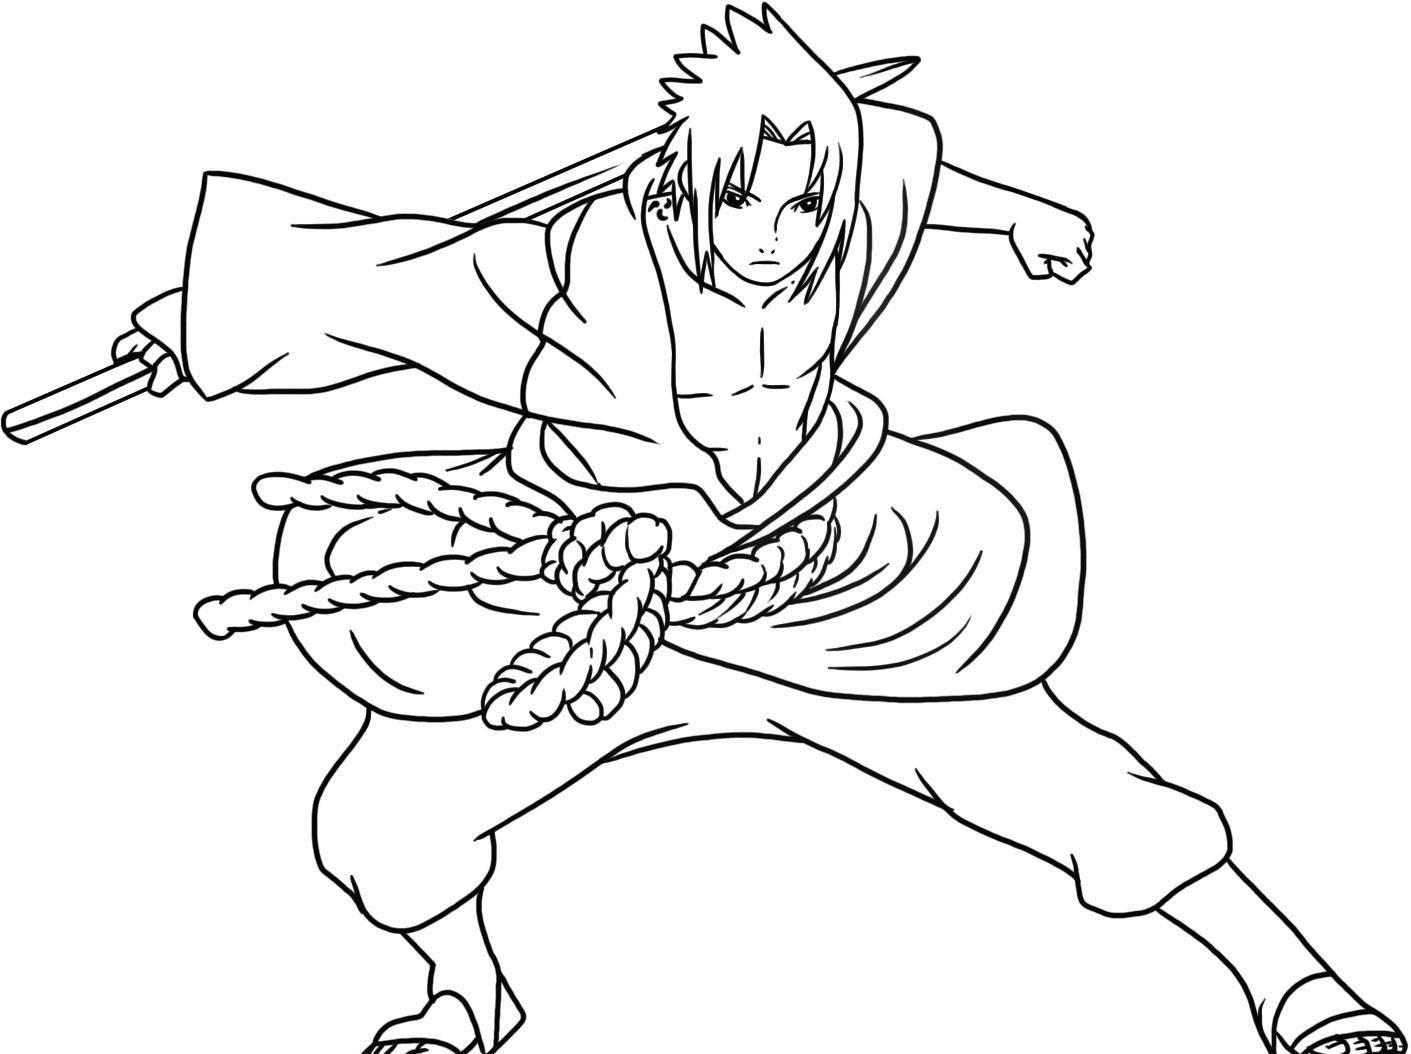 11 Imagenes De Naruto Hd 9 Dibujos Para Colorear Y Pintar